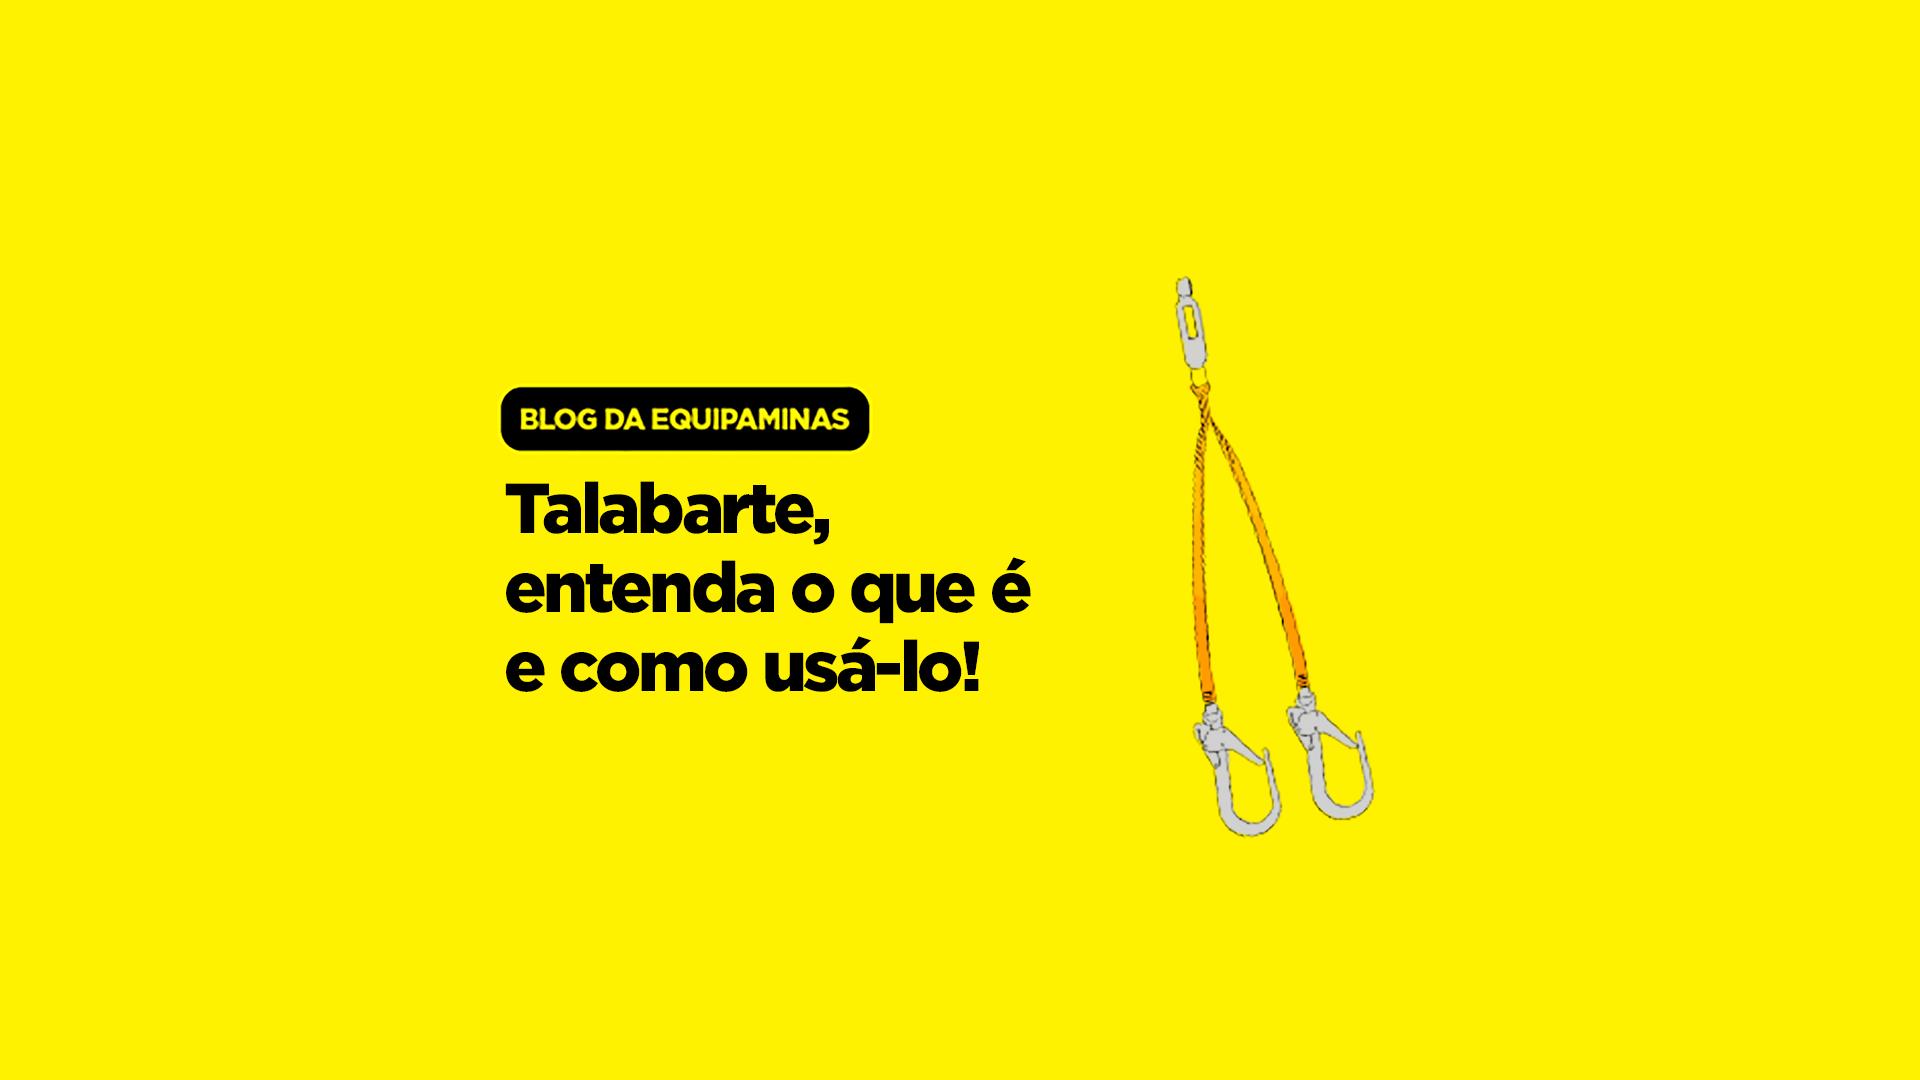 Talabarte: entenda o que é e como usar